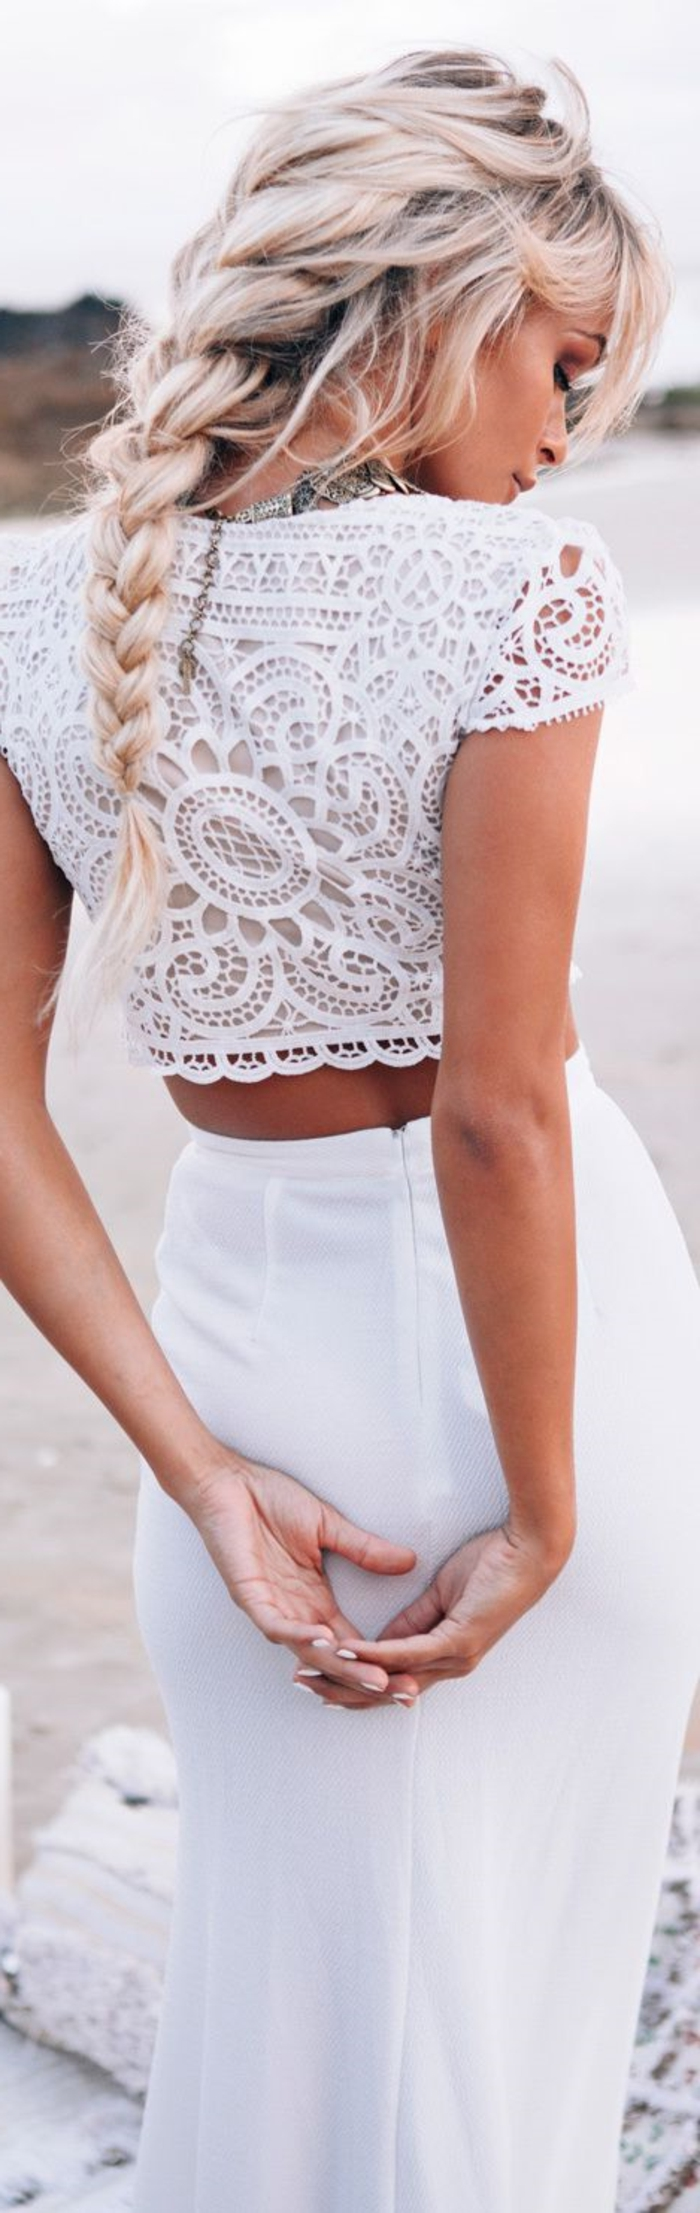 style-bohème-chic-blanche-robe-deux-piècescomment-s-habiller-tenue-chic-et-classe-femme-élégante-habillé